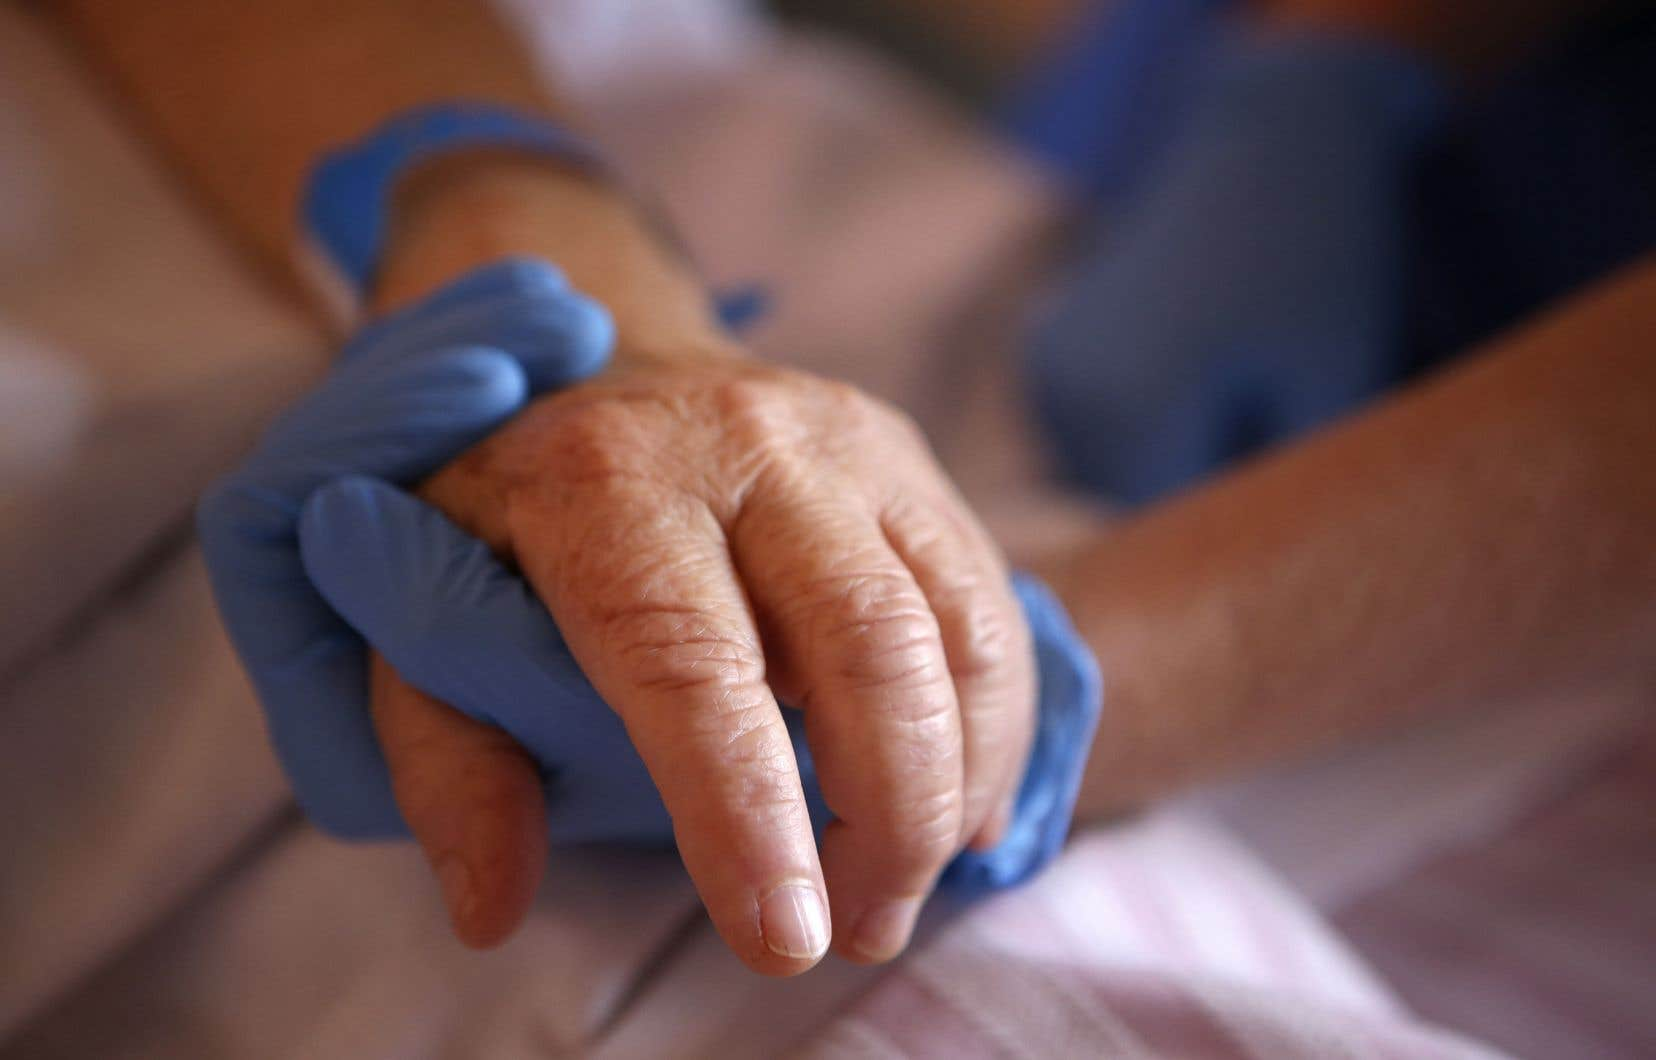 L'arrondissement de Verdun, à Montréal, est un exemple probant, avec une moyenne de 61% des patients en soins palliatifs qui ont pu rester à domicile jusqu'à leur décès, comparativement à une moyenne de 11,8% pour le reste de la province au cours des trois dernières années, soit le plus faible taux en Occident.